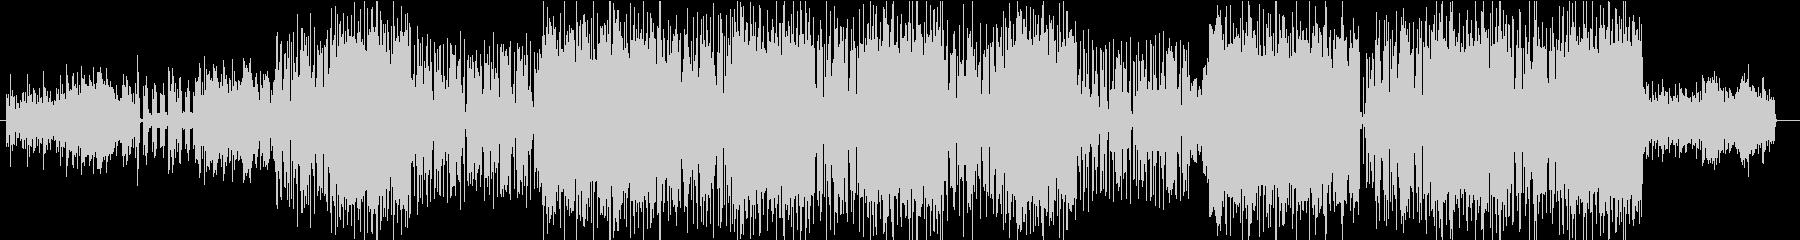 アコースティックギタードラマチックBGMの未再生の波形